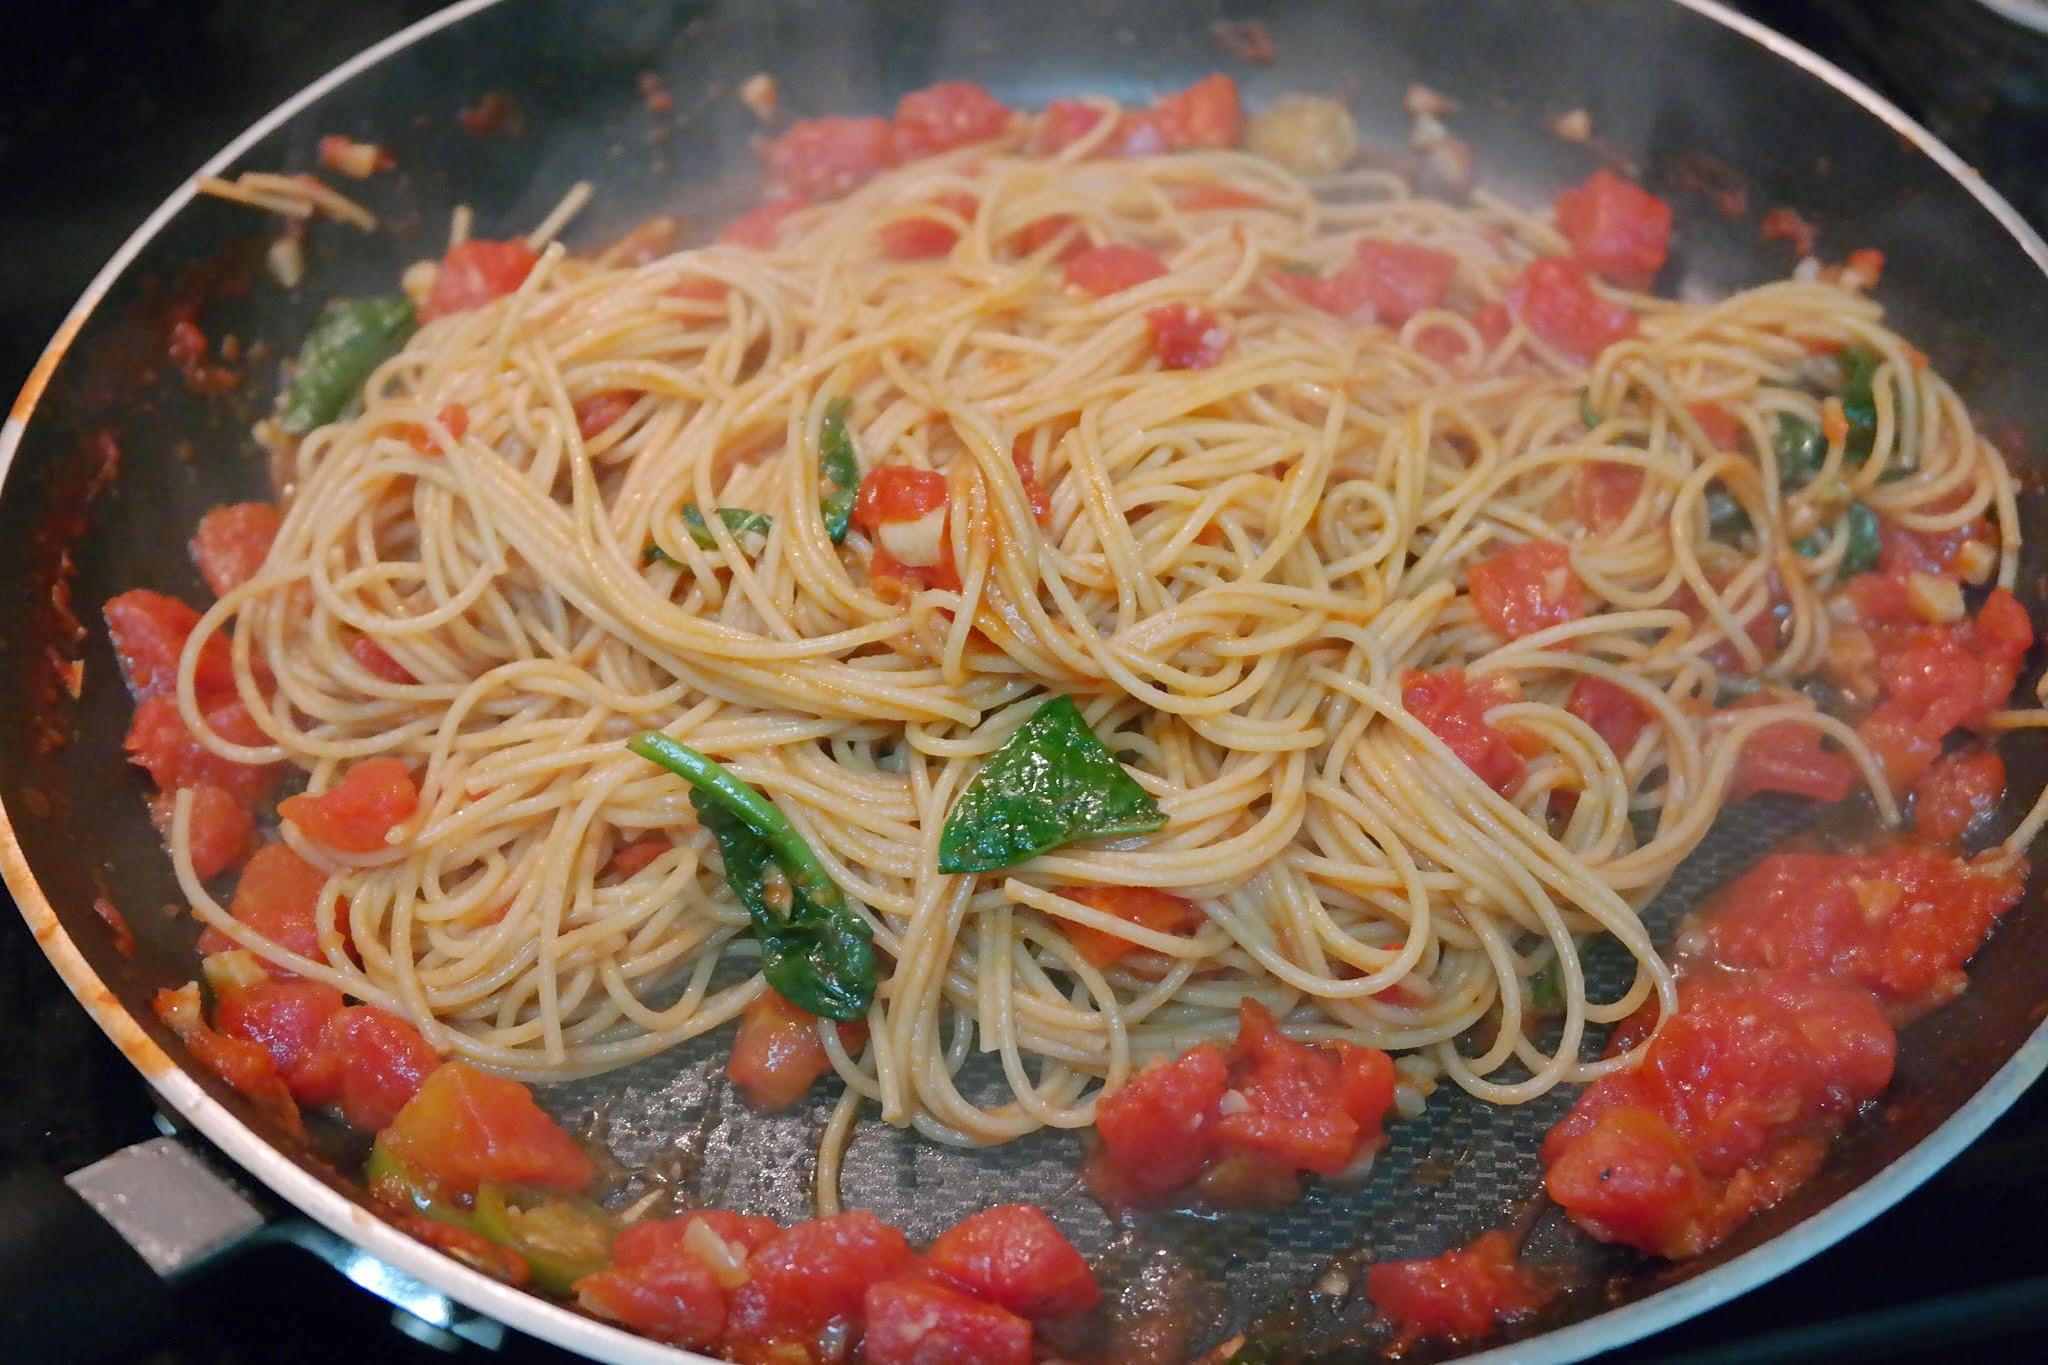 pasta-in-tomato-sauce.JPG